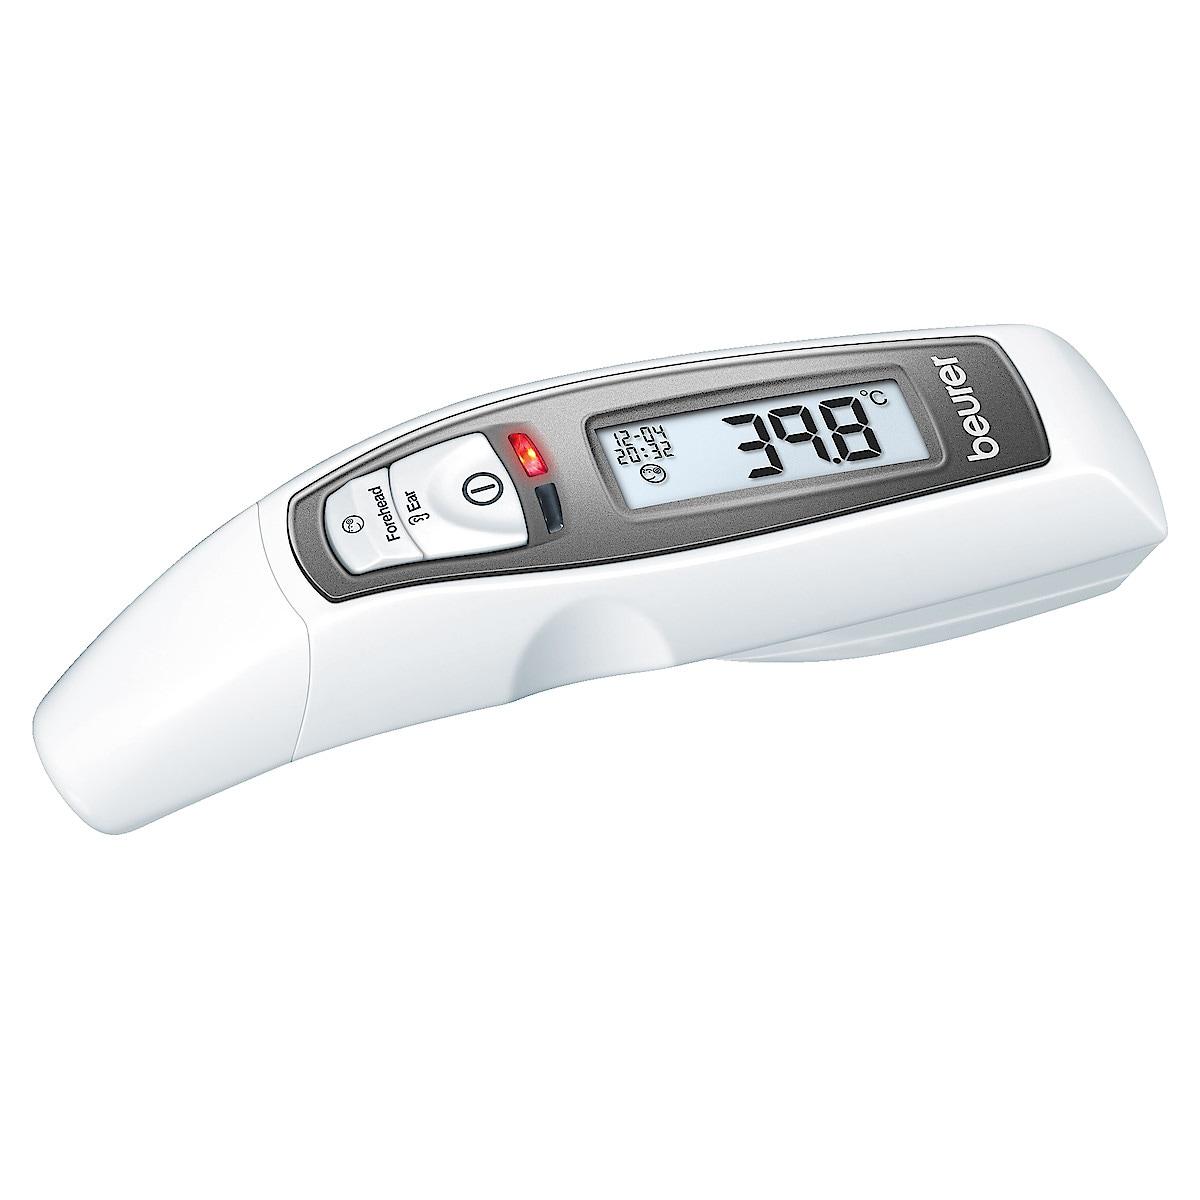 Pann och örontermometer FT65 Beurer | Clas Ohlson